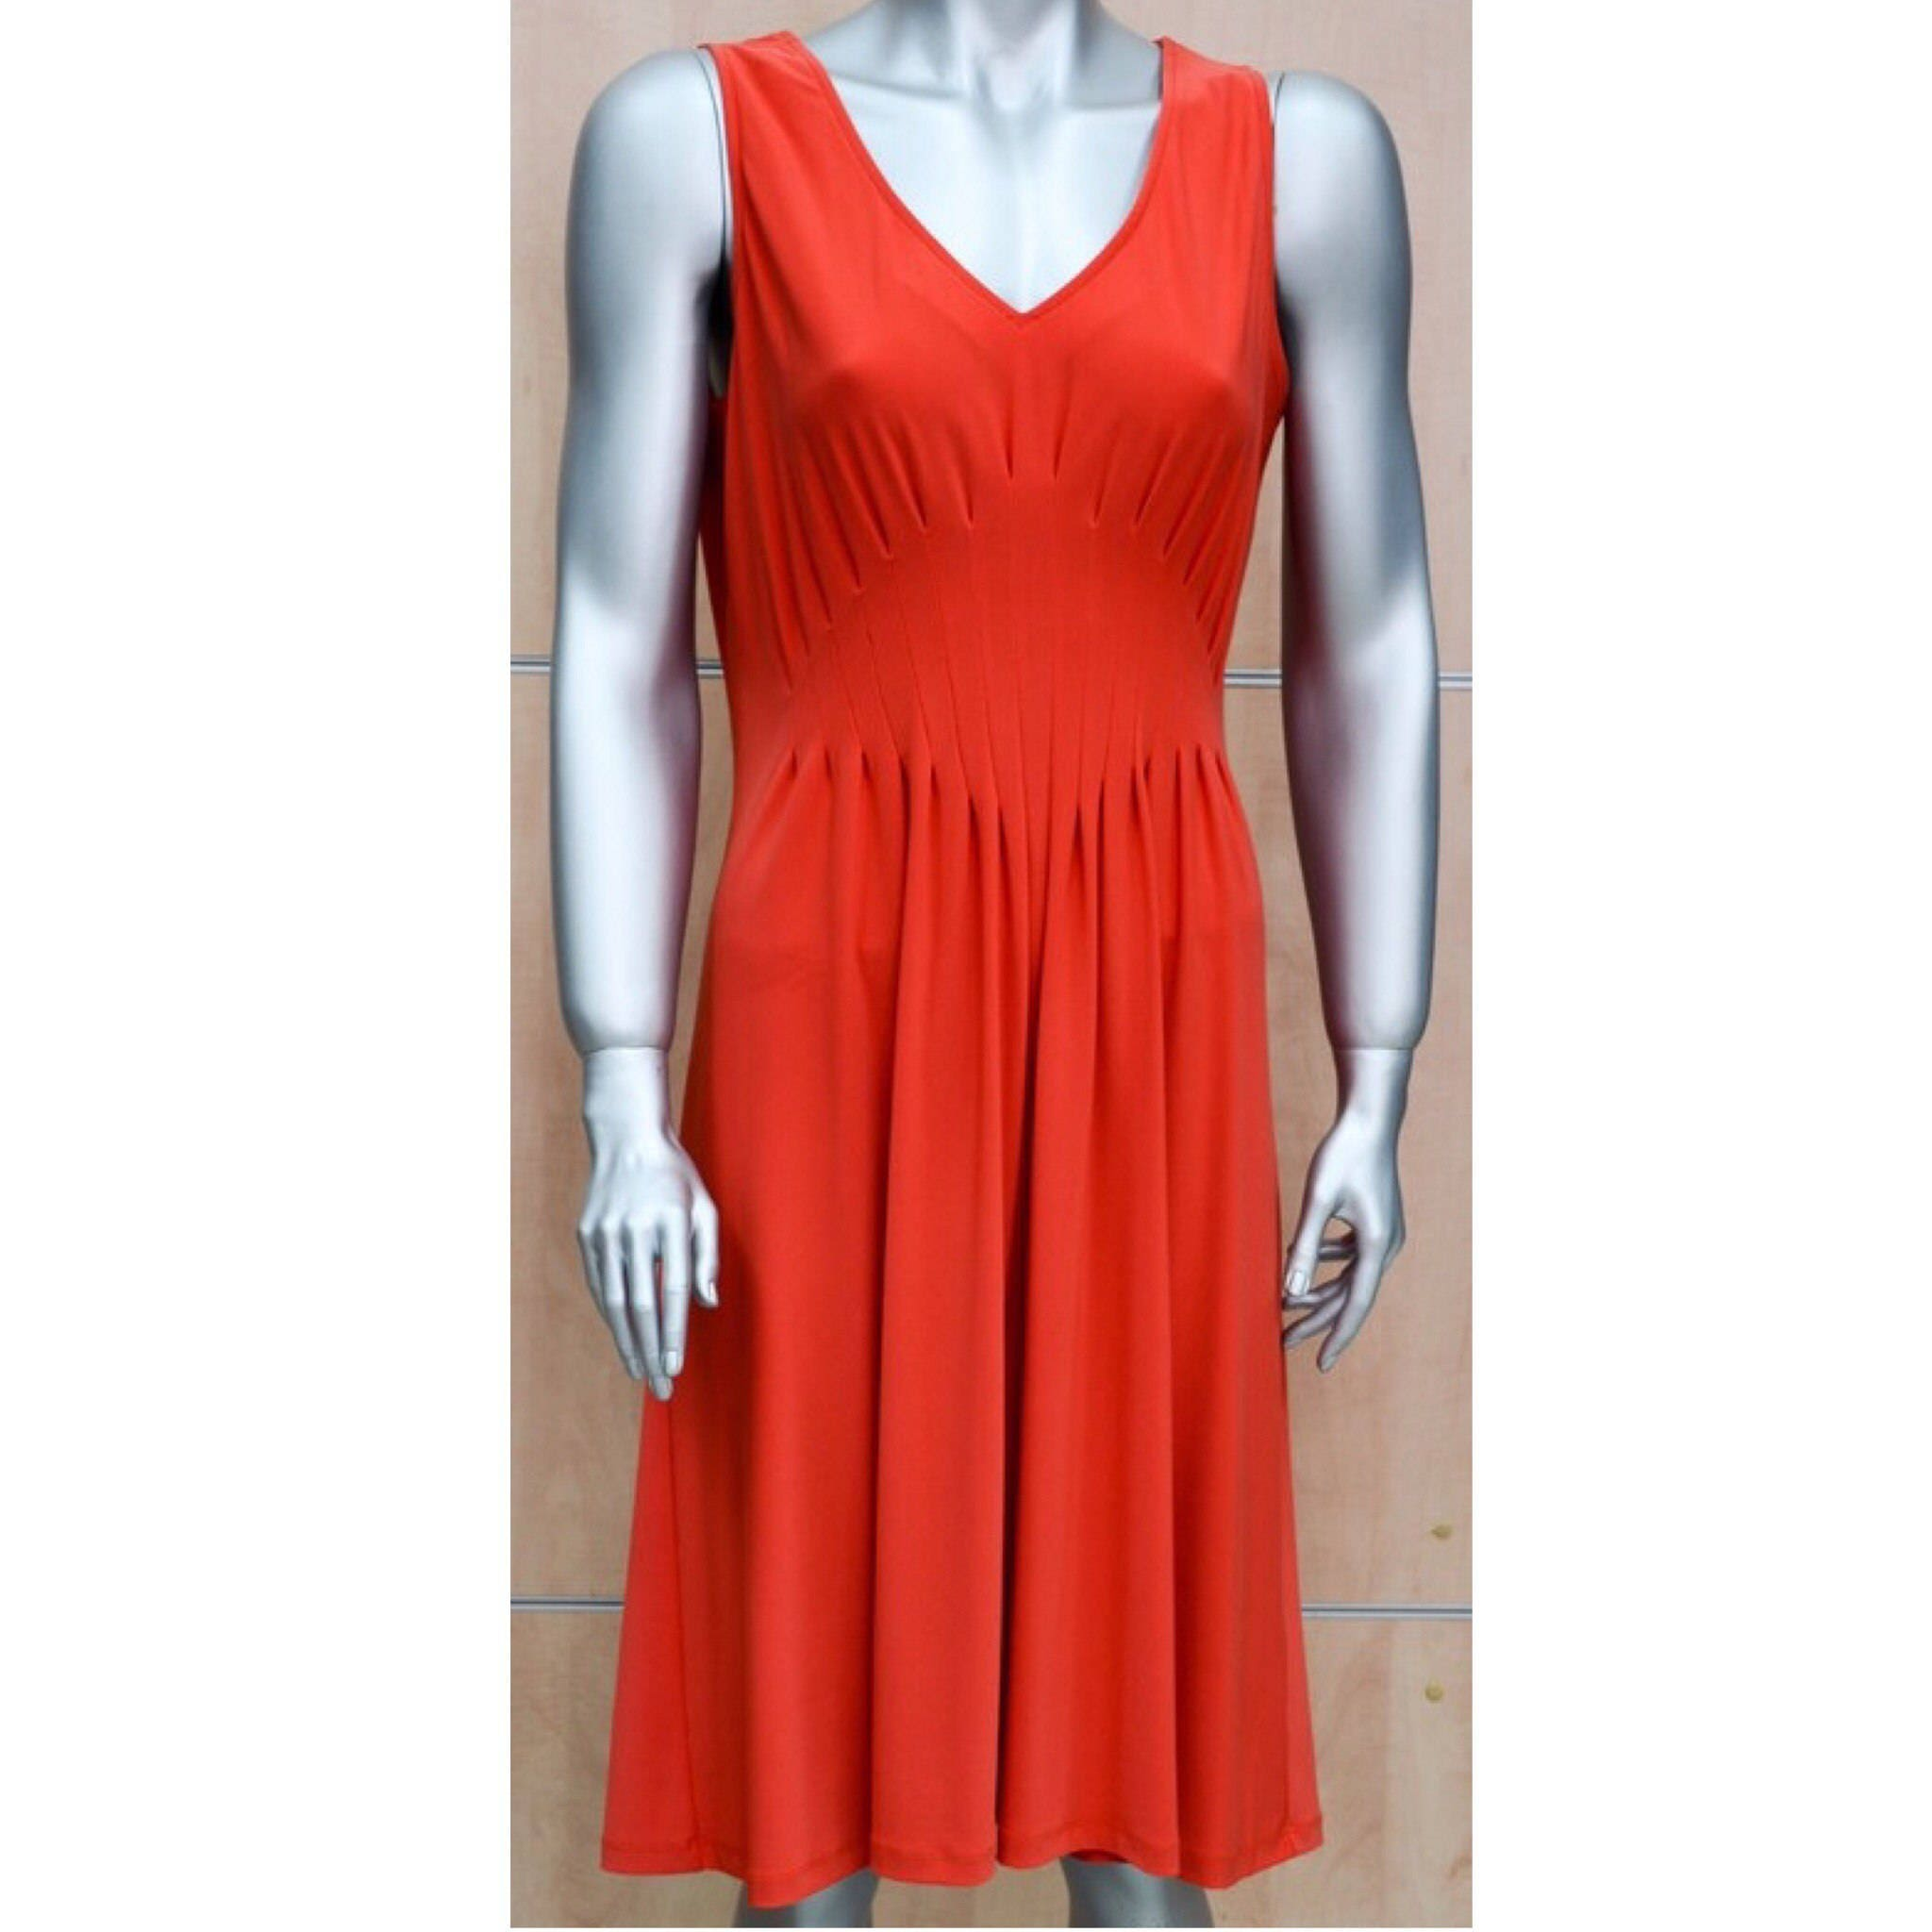 robe orange lauren vidal rouge. Black Bedroom Furniture Sets. Home Design Ideas